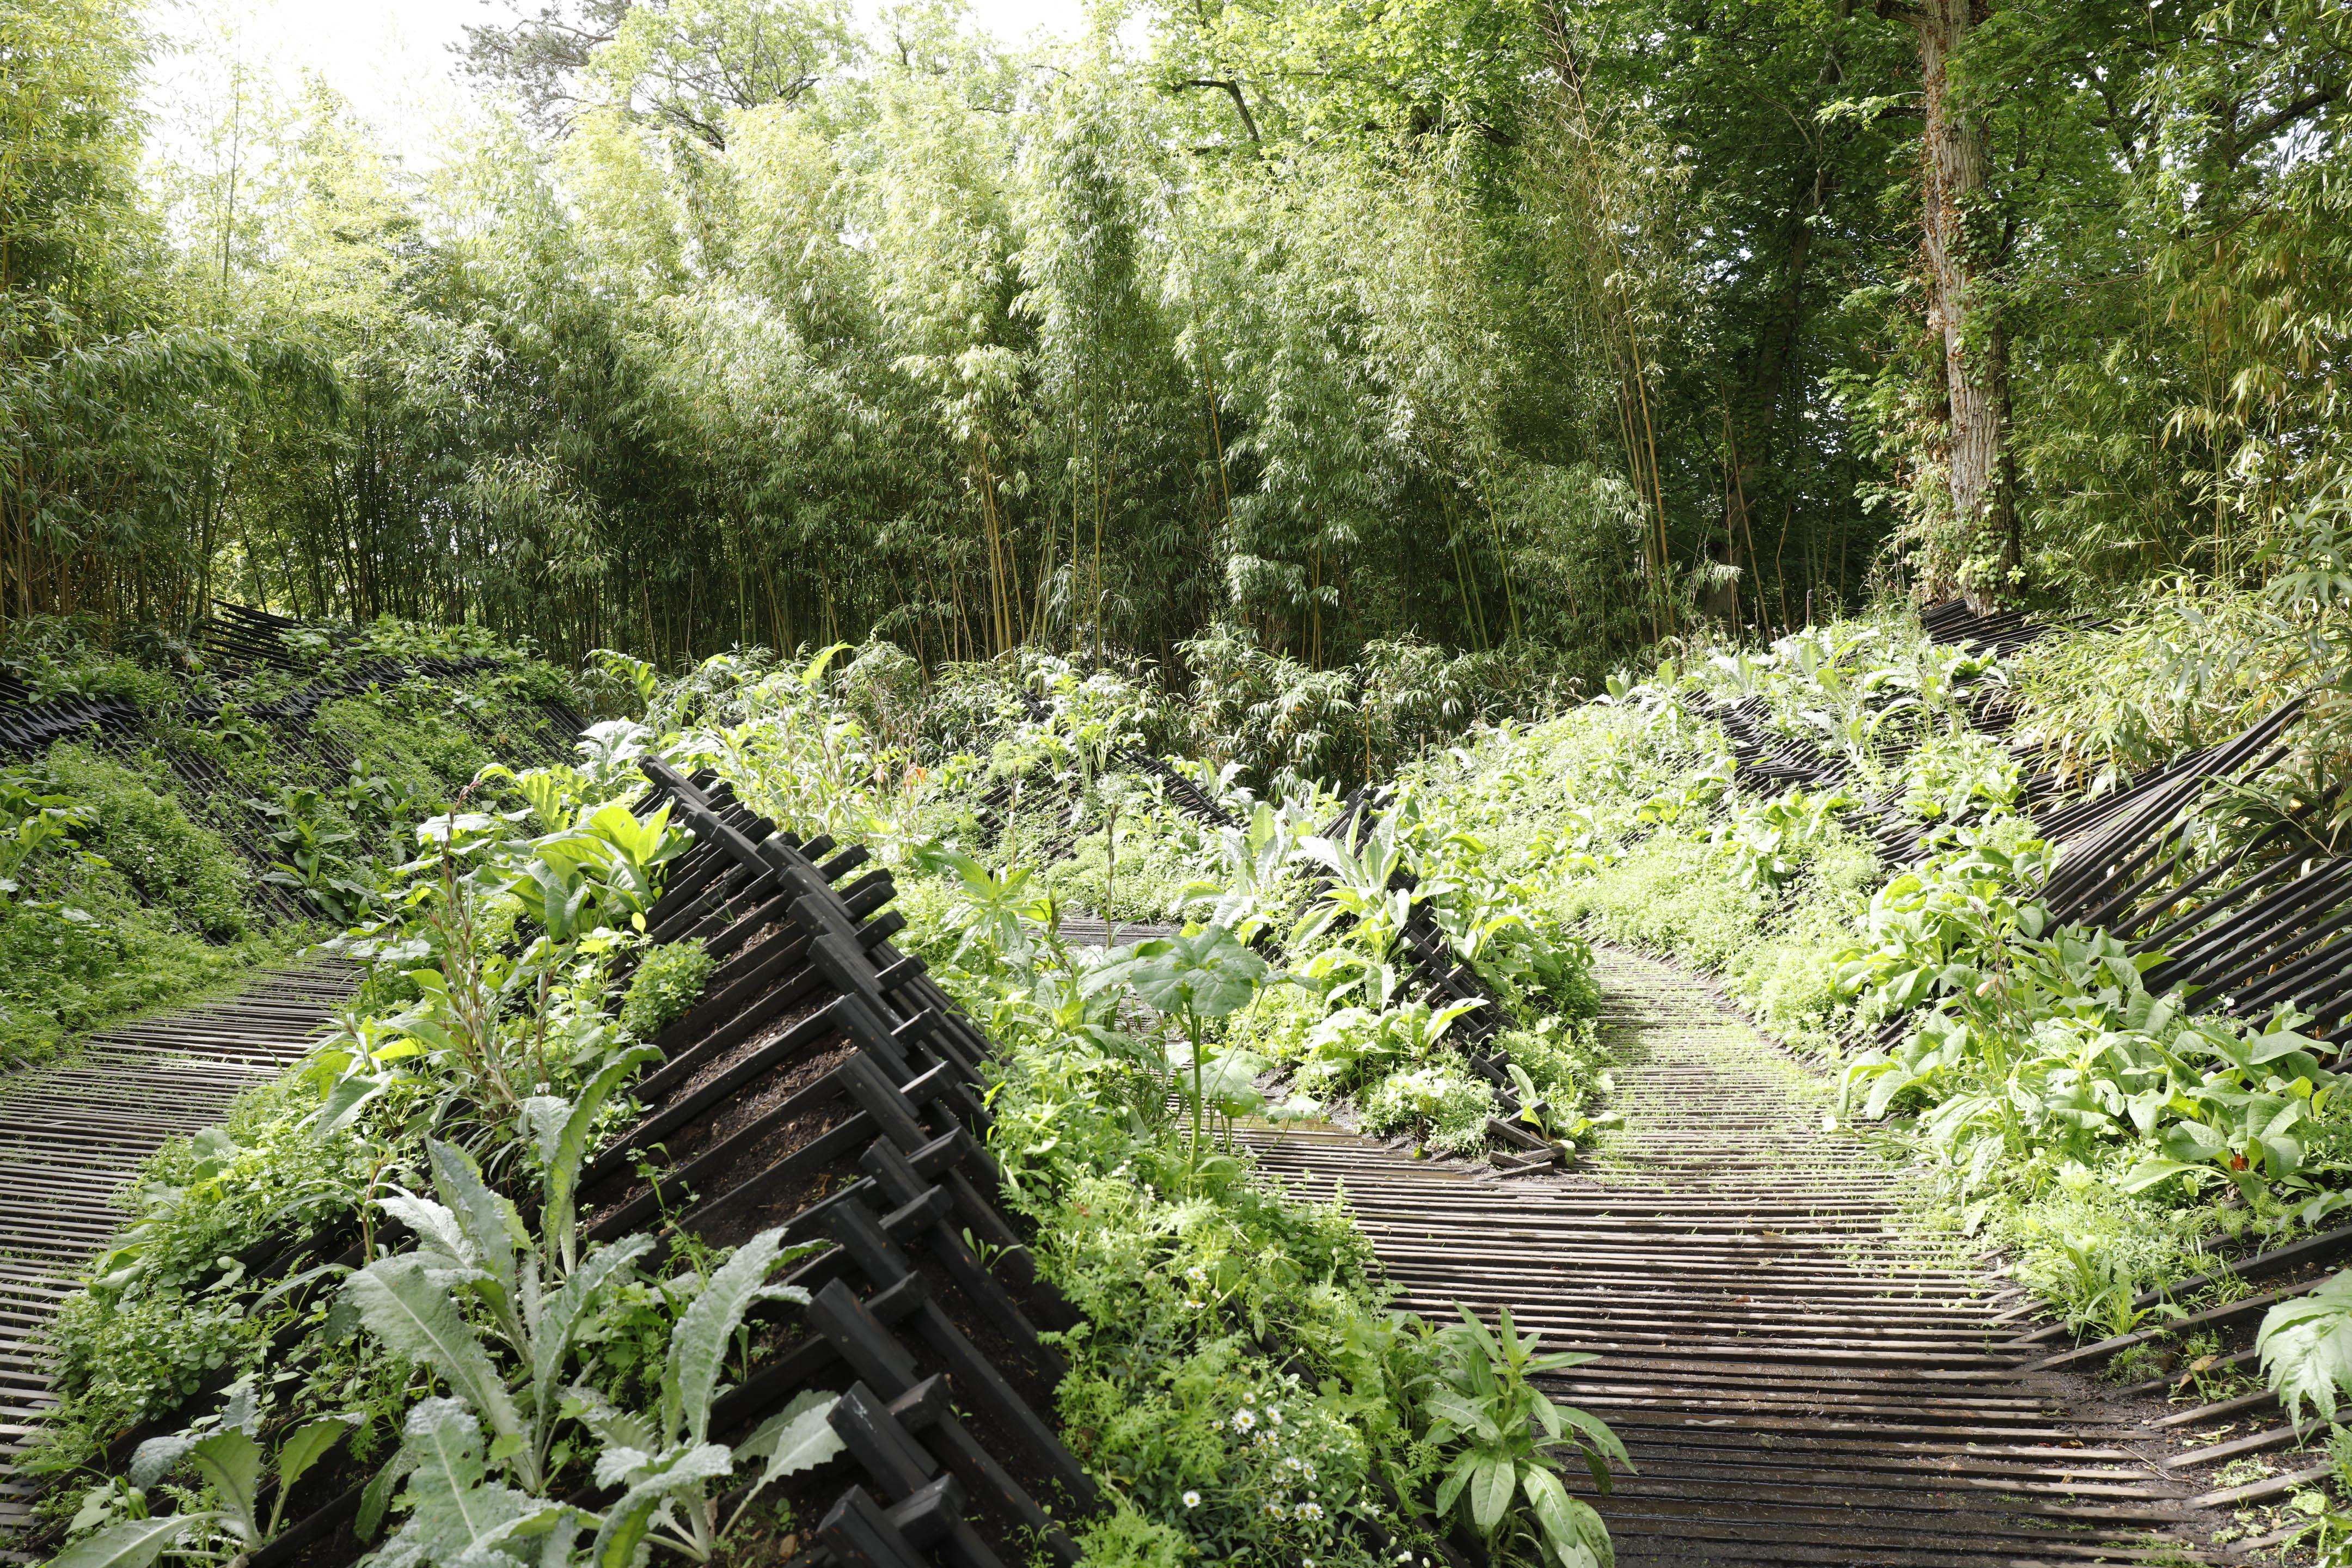 19bis phoenix domaine de chaumont sur loire - Chaumont sur loire jardins ...